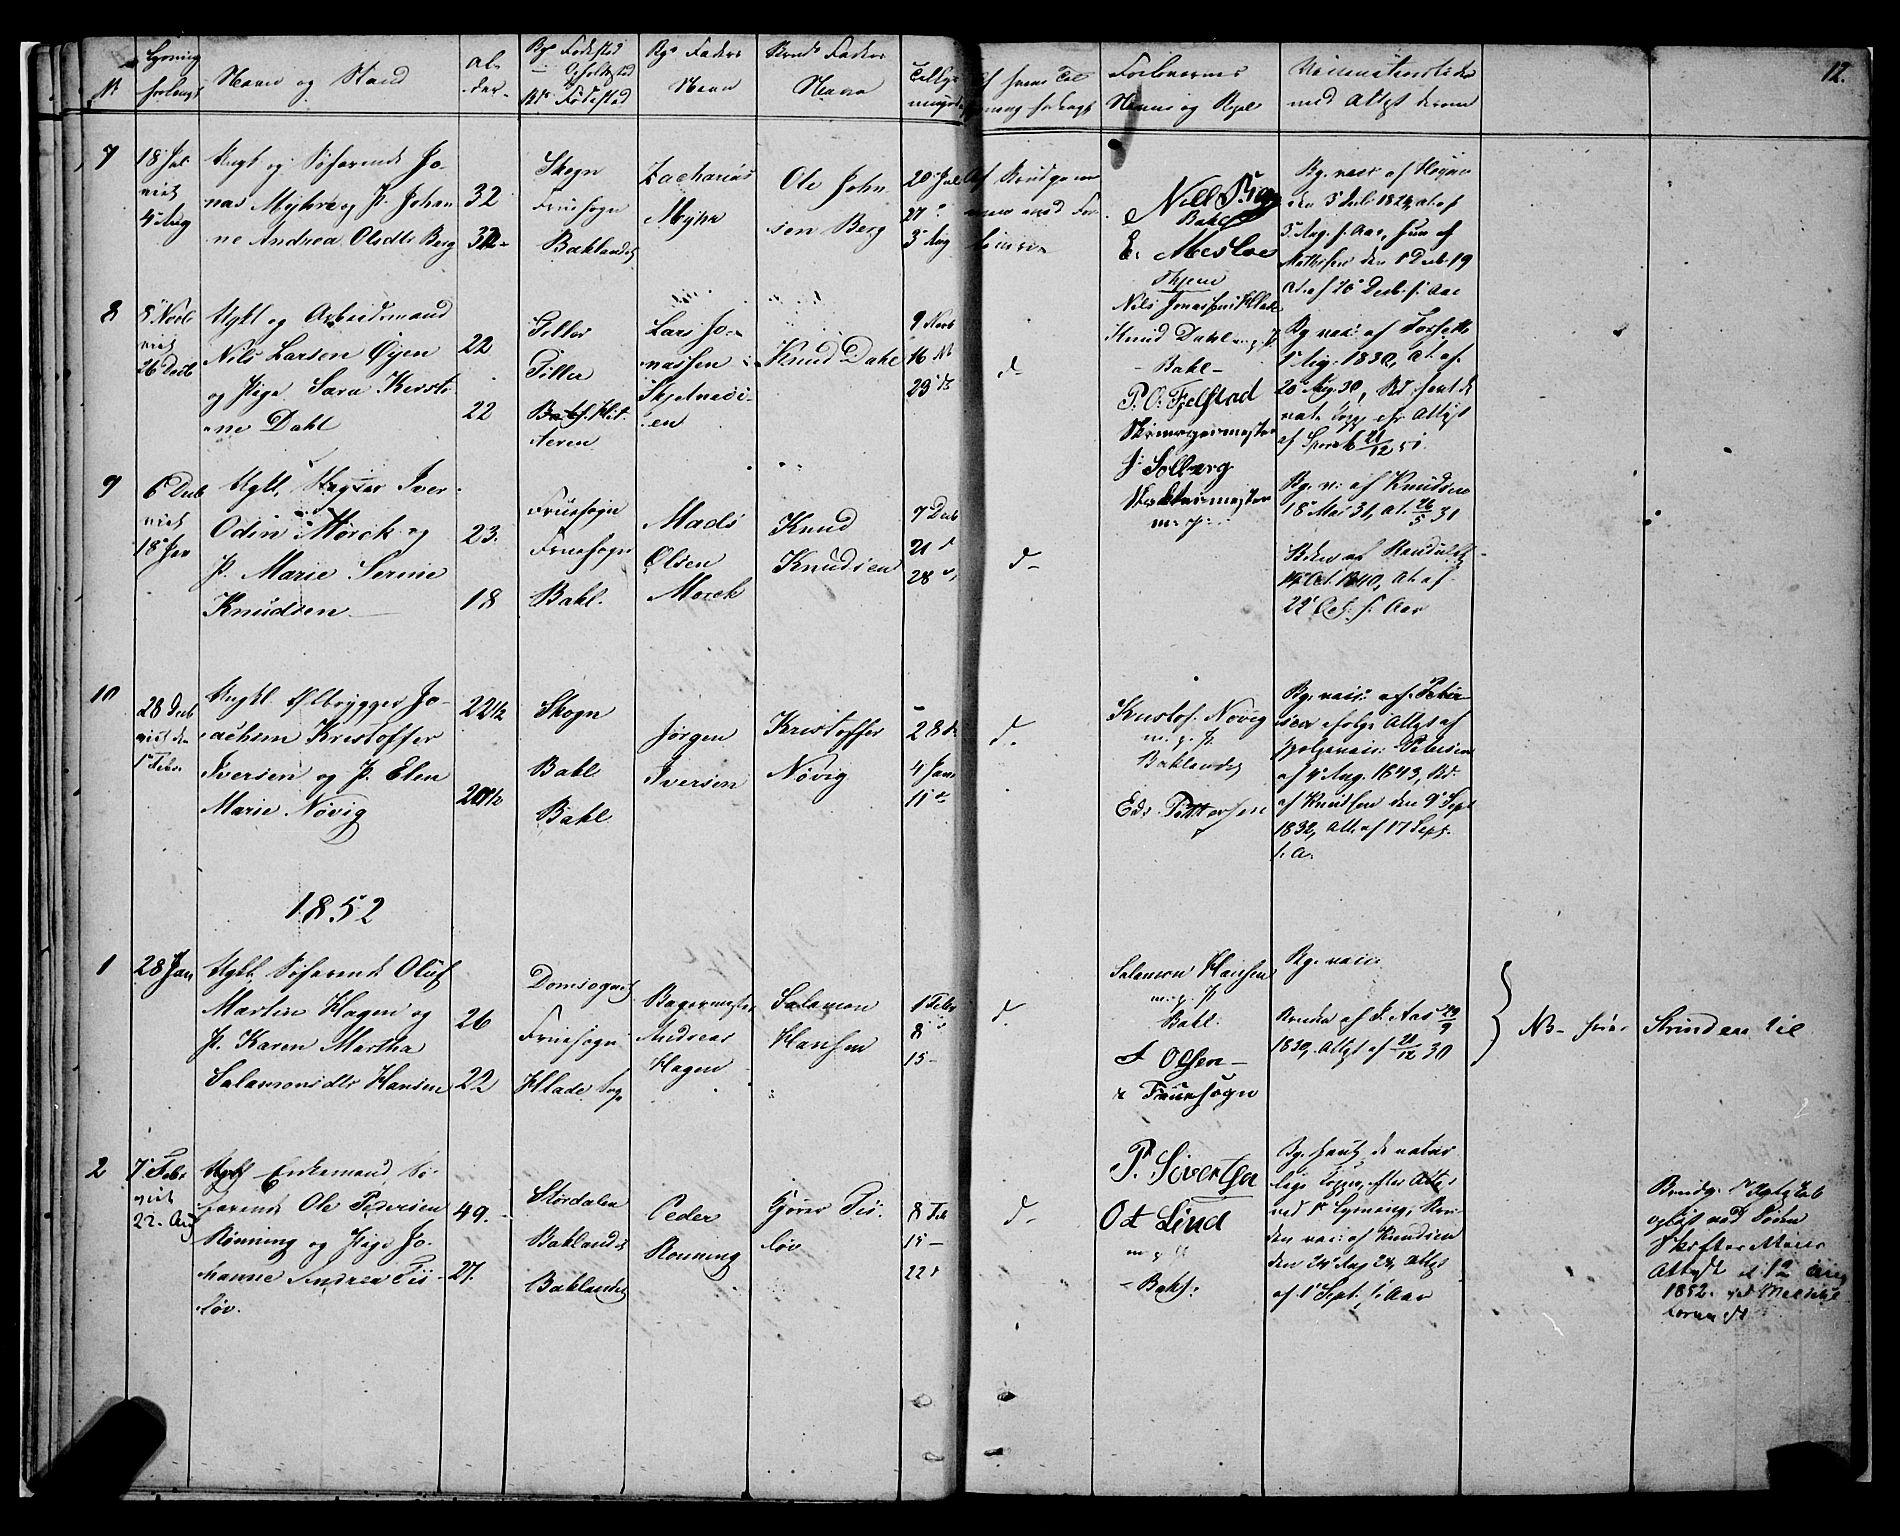 SAT, Ministerialprotokoller, klokkerbøker og fødselsregistre - Sør-Trøndelag, 604/L0187: Ministerialbok nr. 604A08, 1847-1878, s. 12